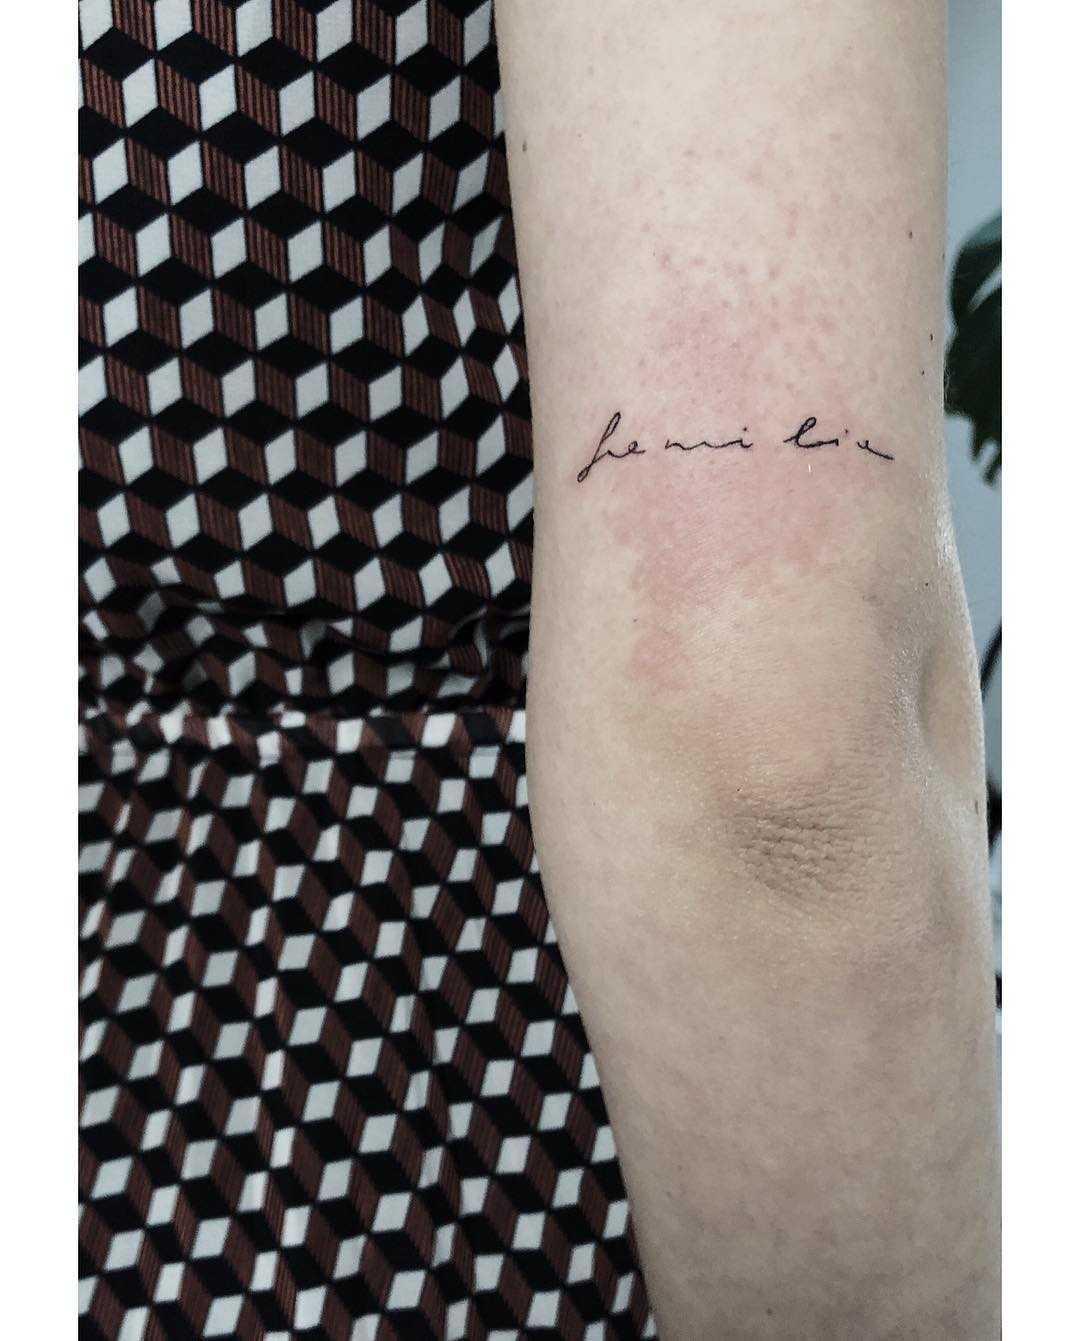 Familia tattoo by Tania Ost